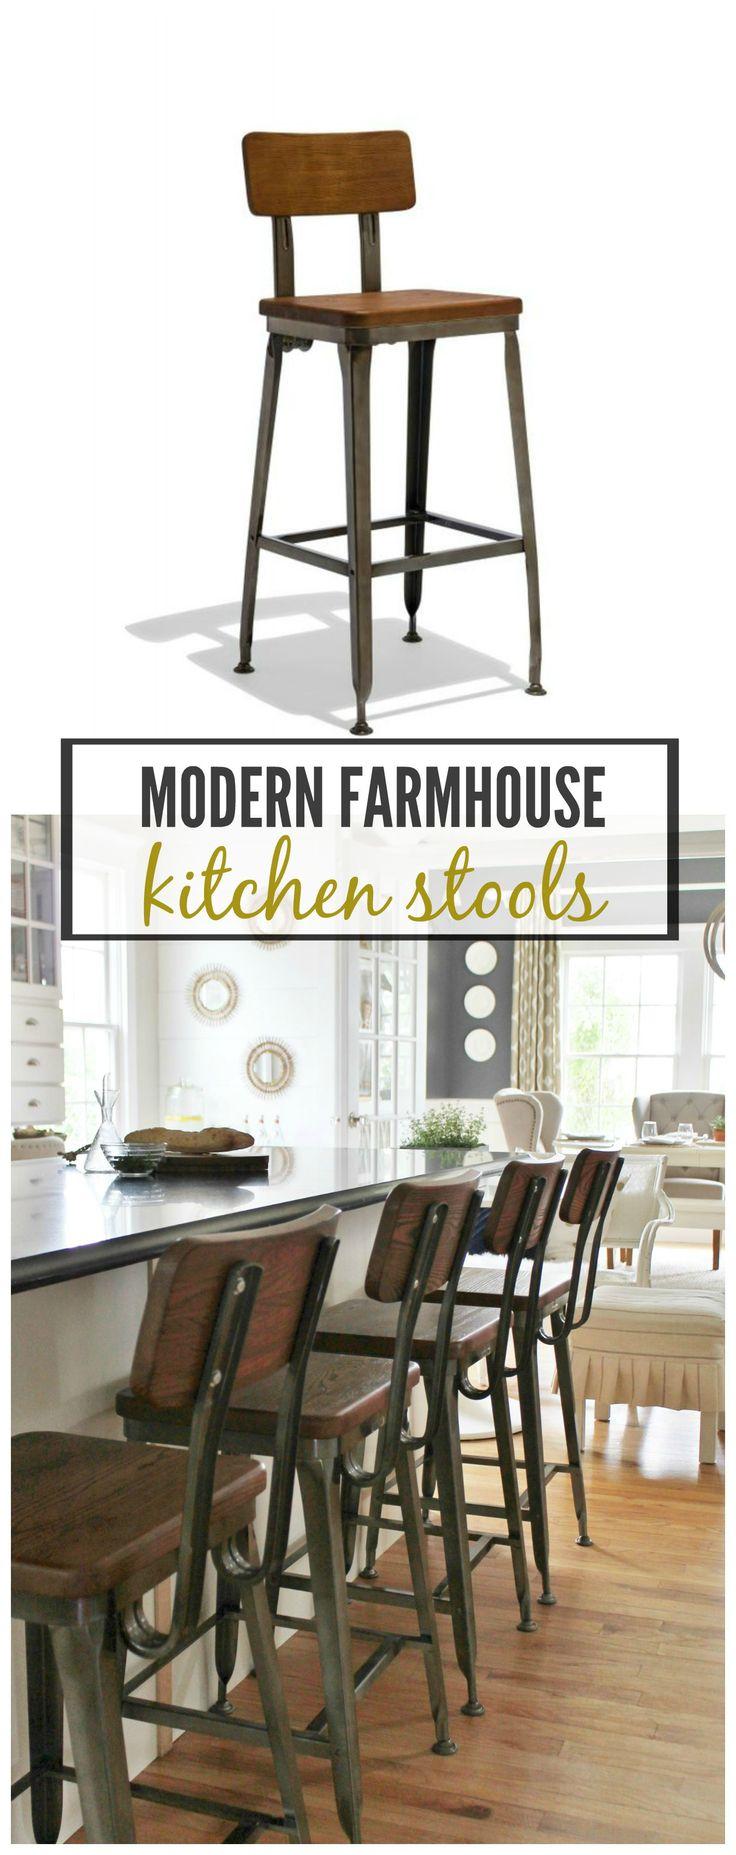 Modern Farmhouse Kitchen Stool Reveal